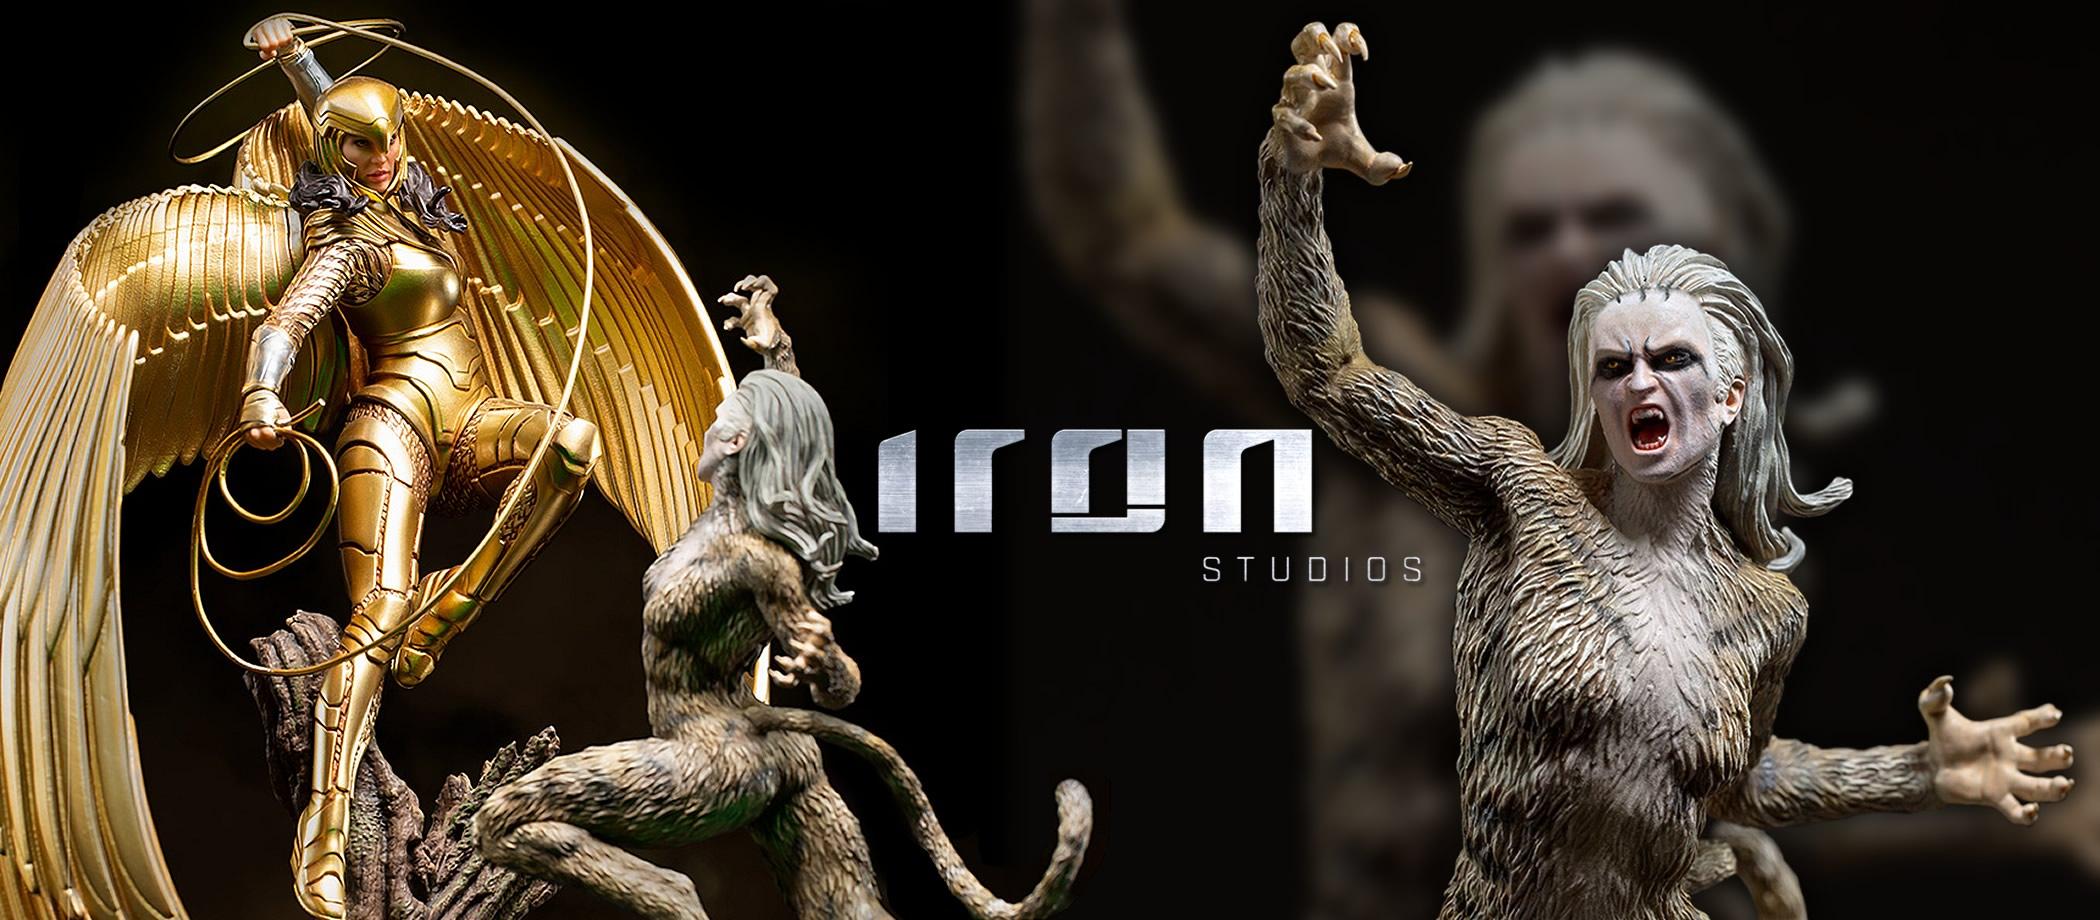 mulher leopardo mulher maravilha 1984 iron studios revela visula em colecionavel - Iron Studios revela visual da Mulher-Leopardo de Mulher-Maravilha 1984 em colecionável